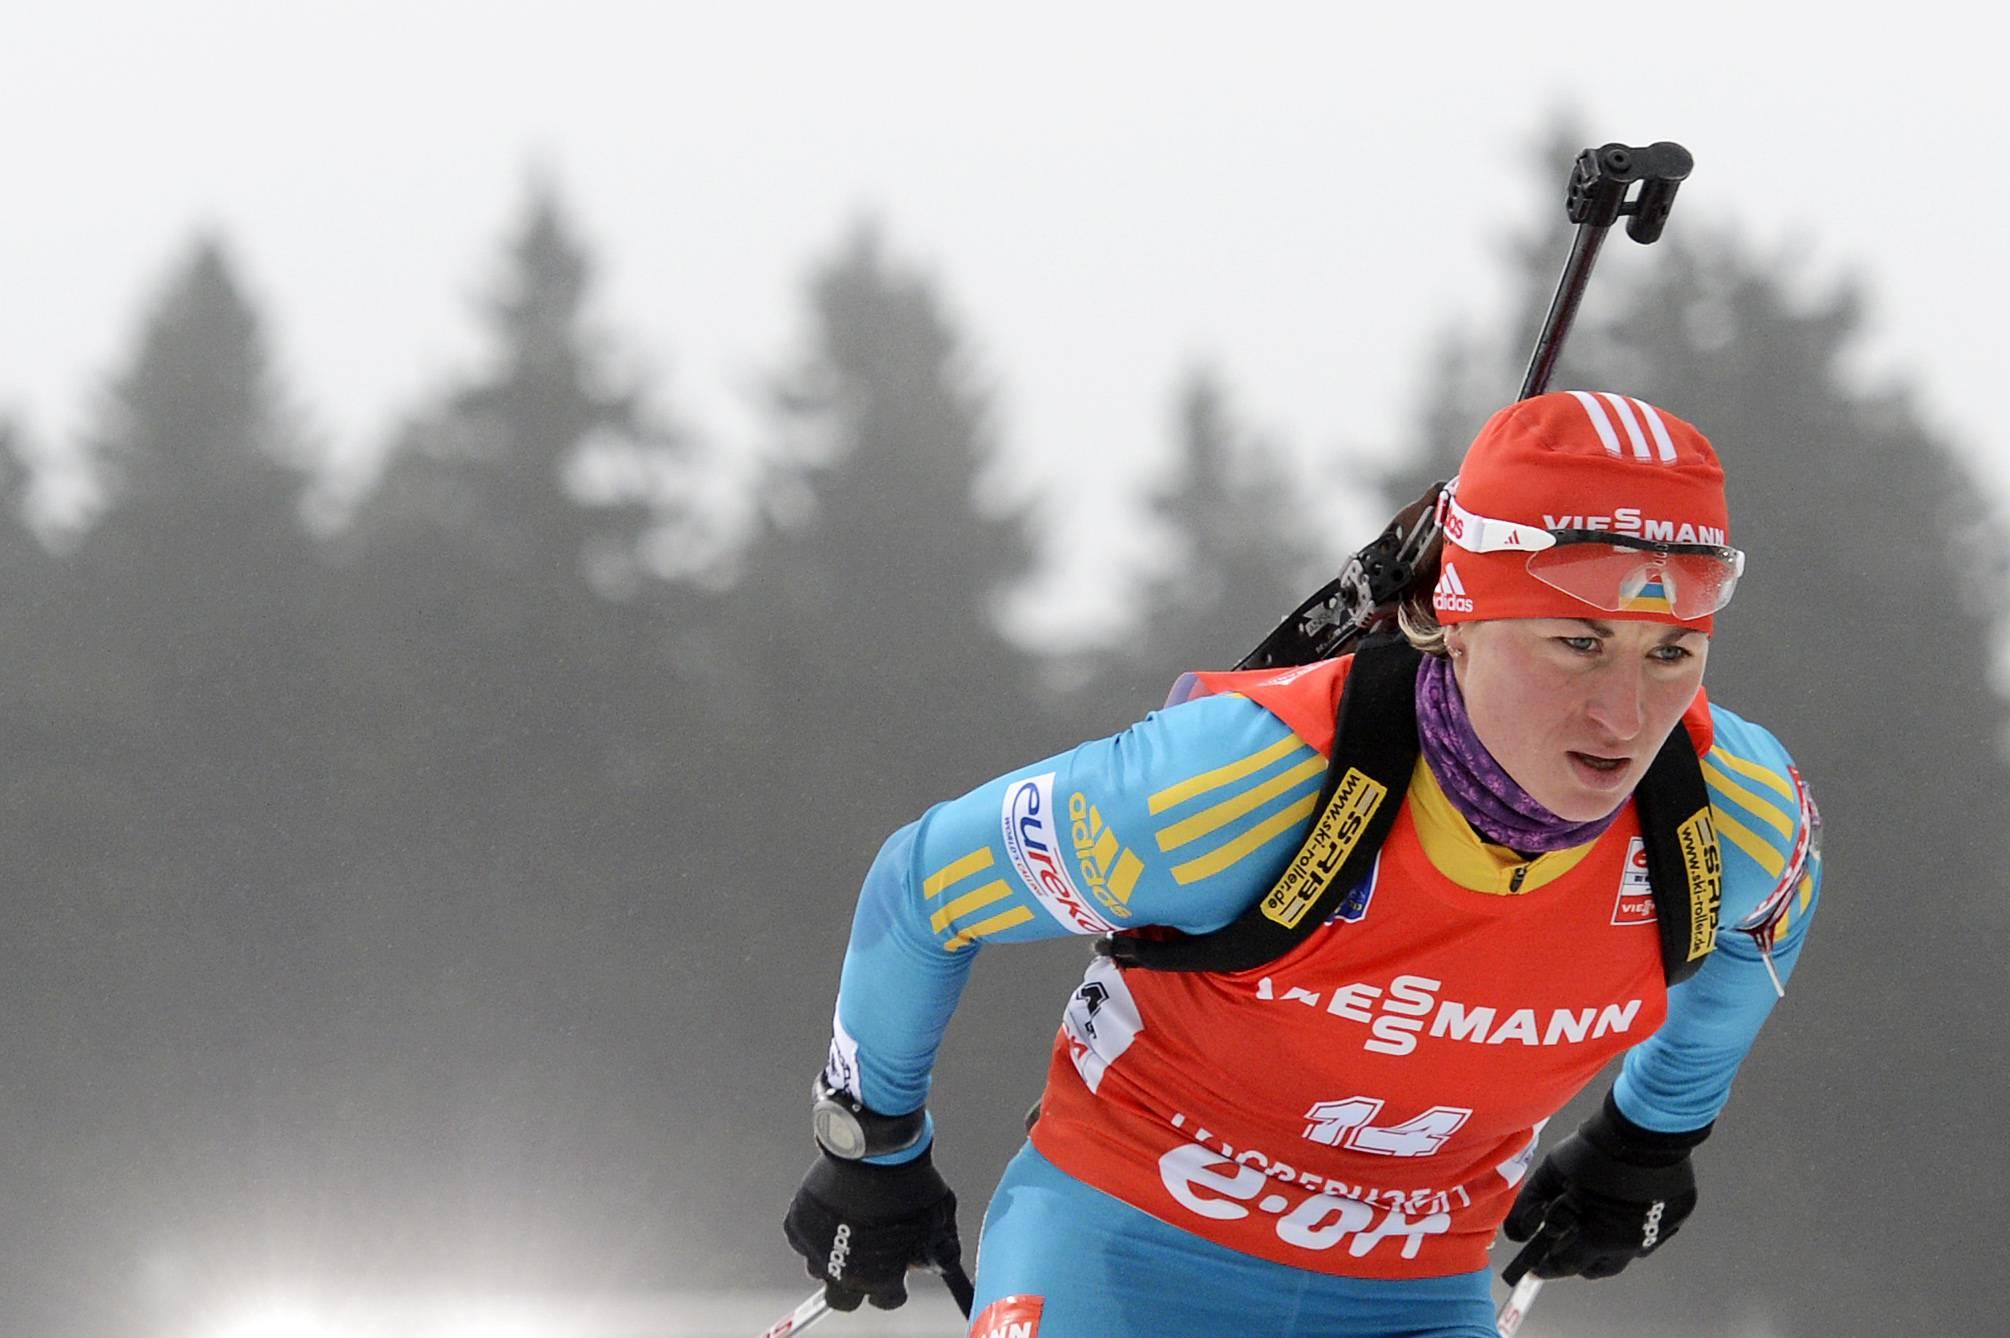 Валя Семеренко завоевала бронзу в спринте